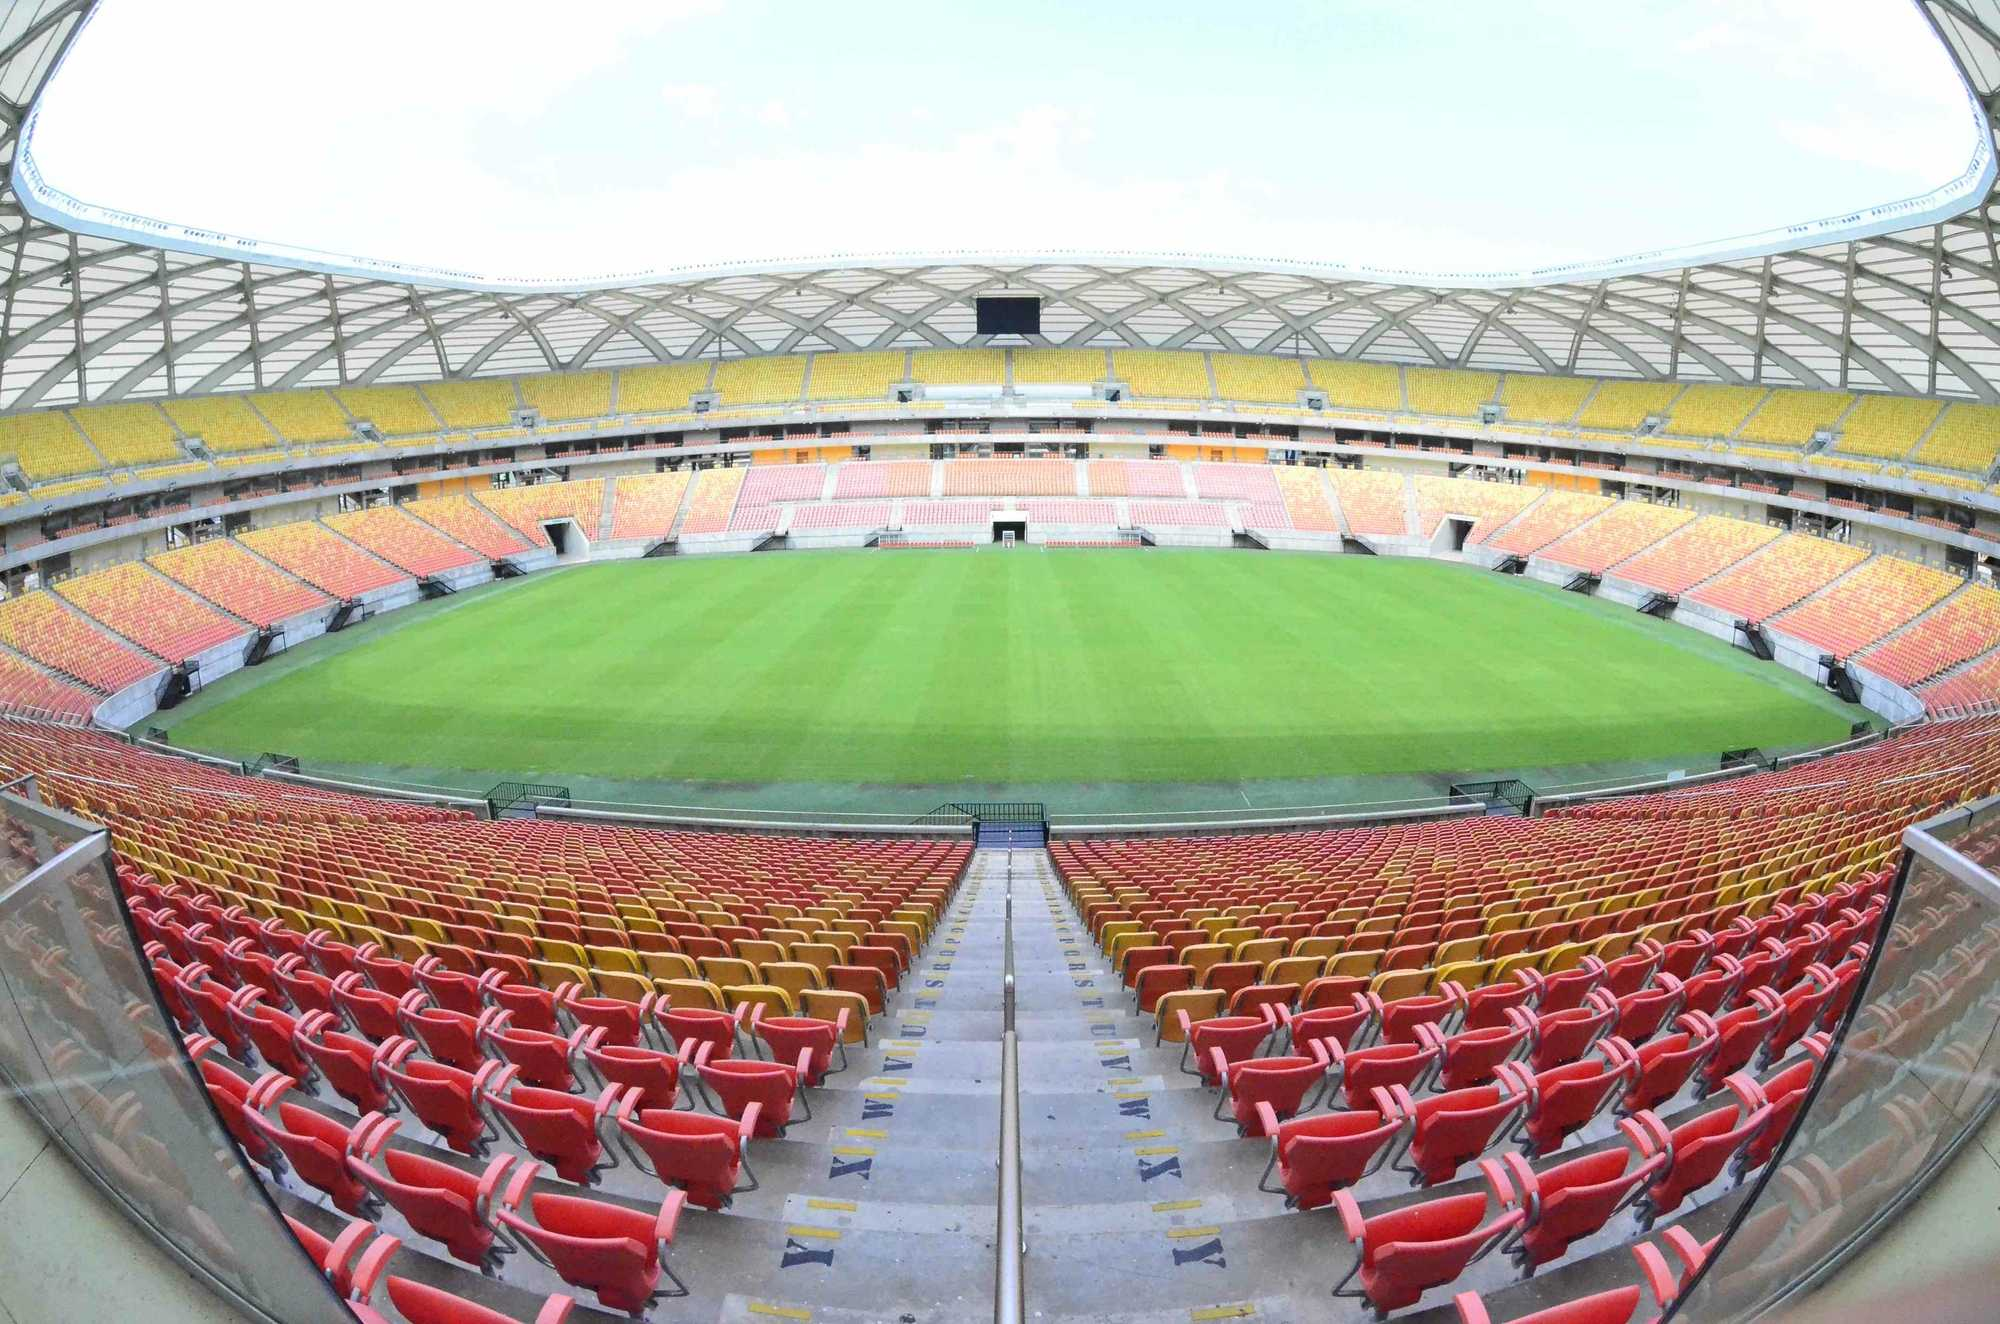 Jogo da seleção pode mudar de Manaus para Brasília, decisão deve sair em 48h